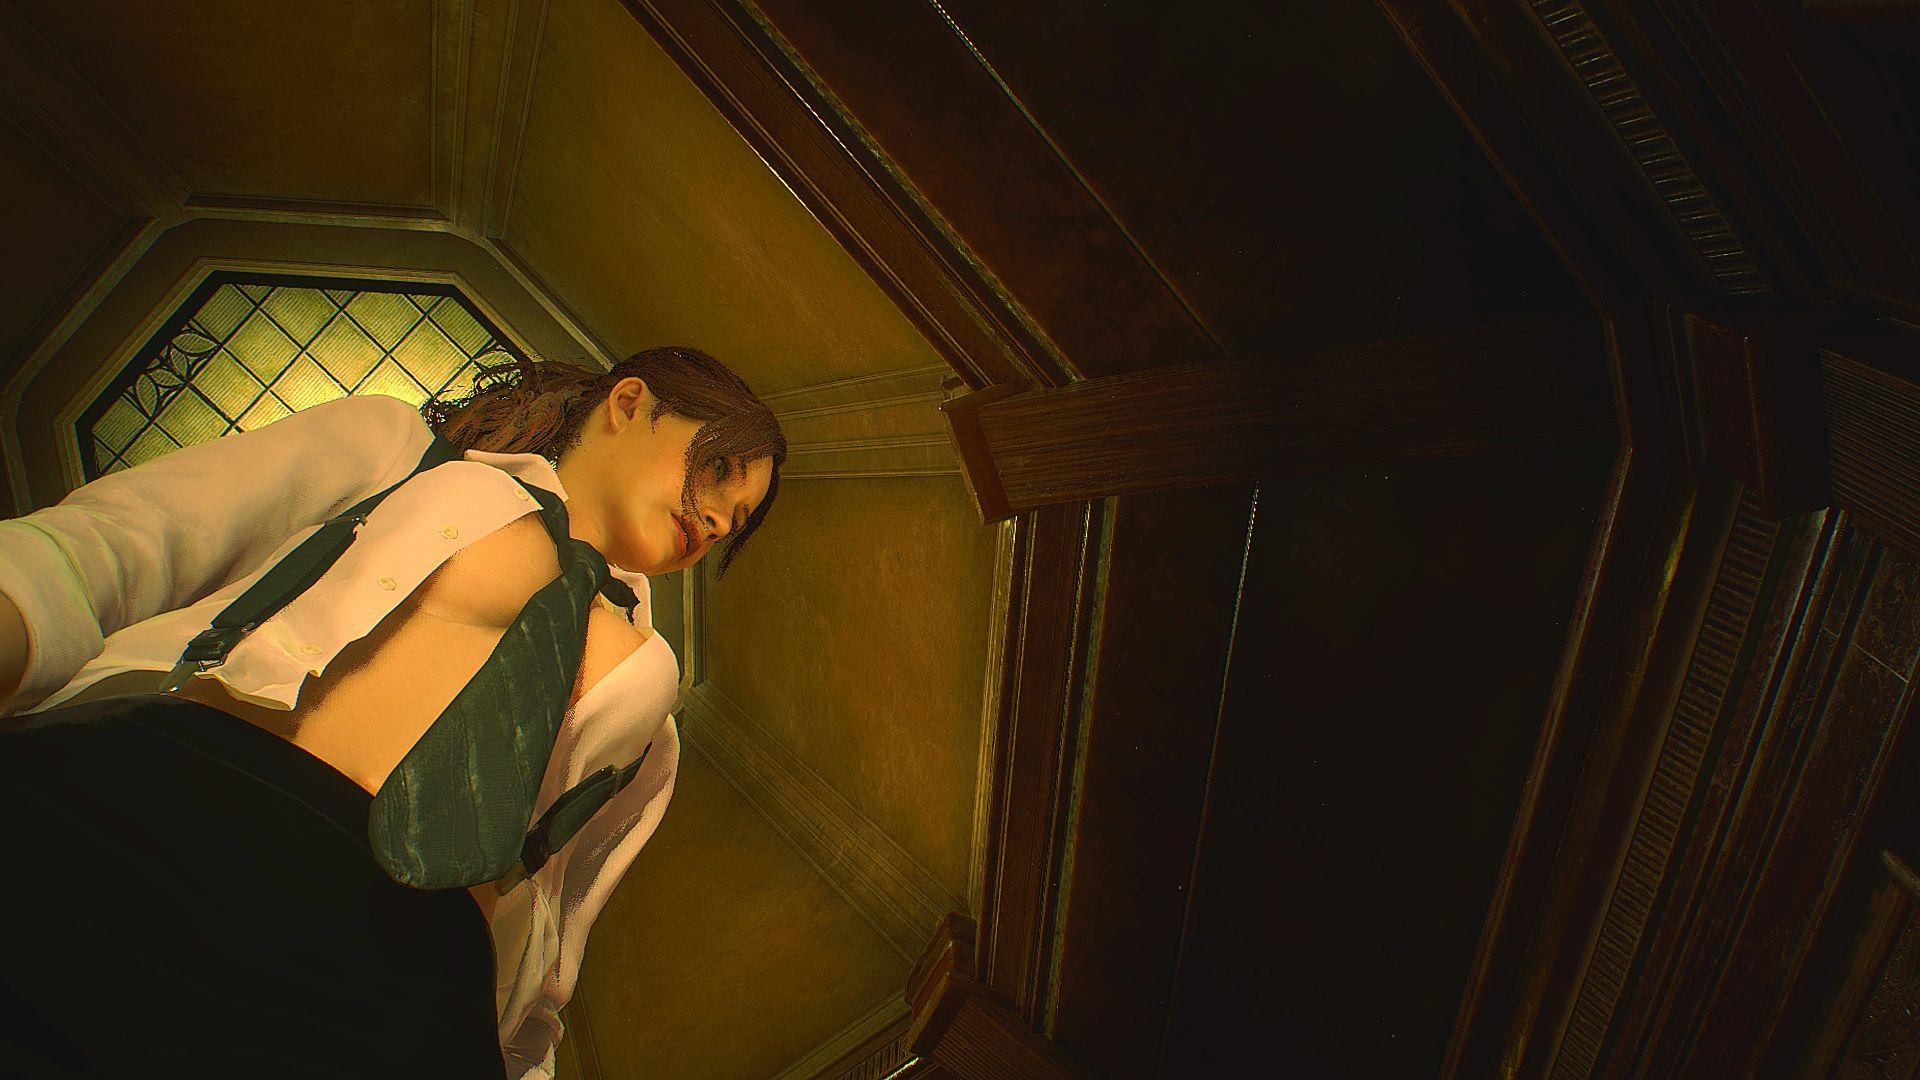 000777.Jpg - Resident Evil 2